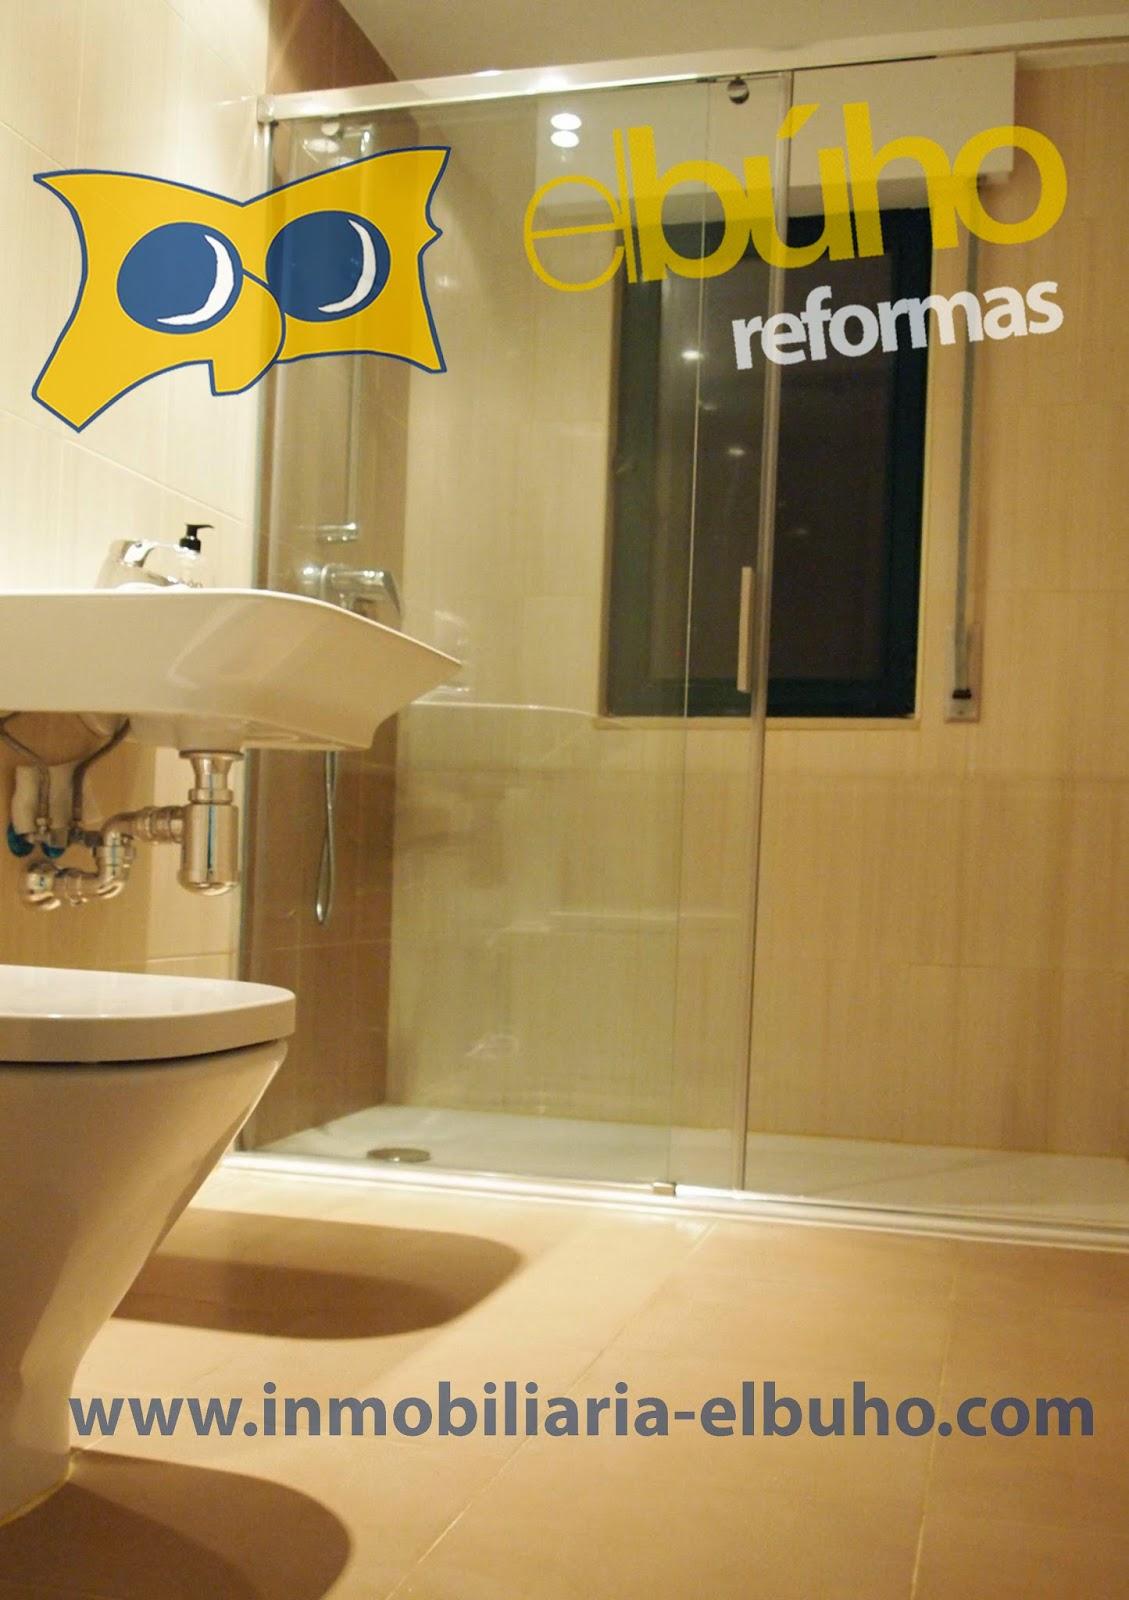 Inmobiliaria el buho salamanca reformas integrales de for Inmobiliaria el buho